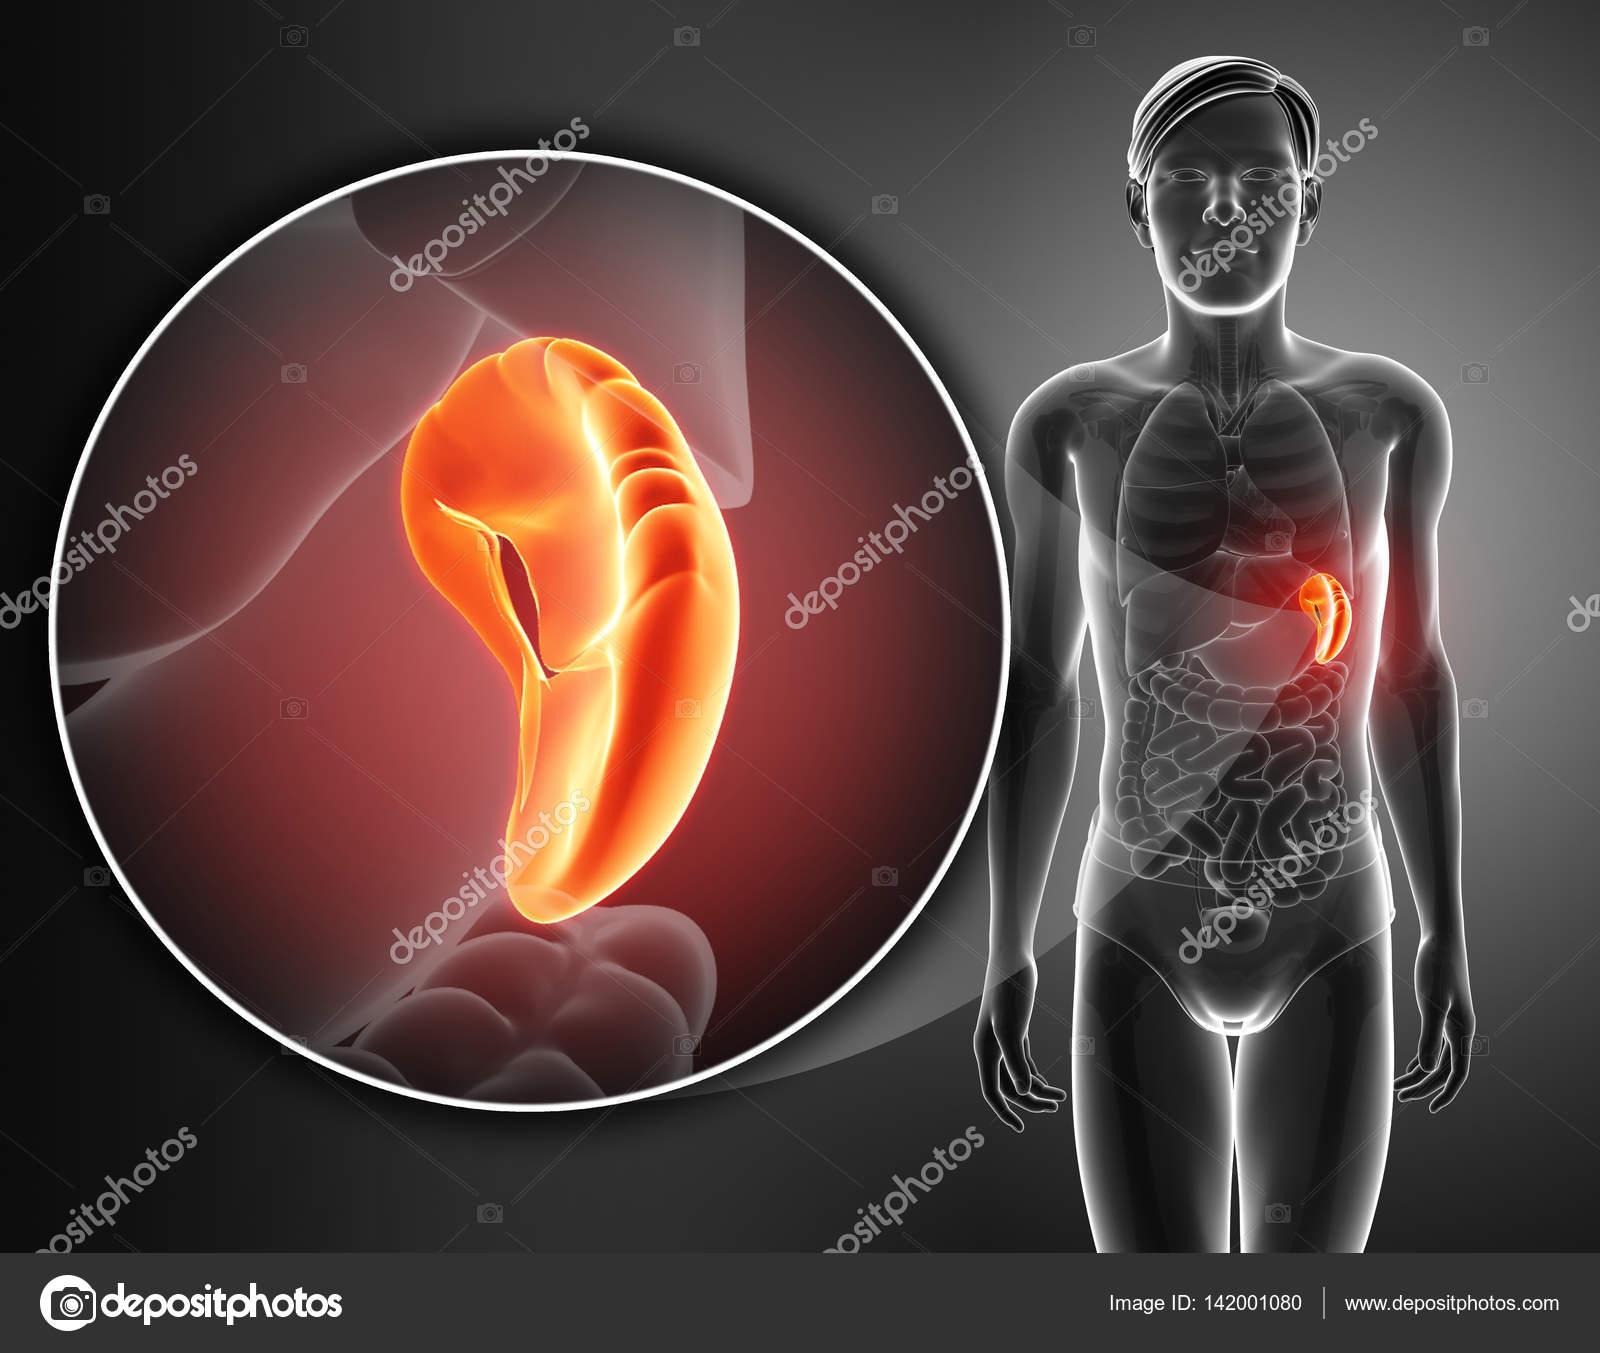 render 3D de la anatomía del bazo humano — Foto de stock ...